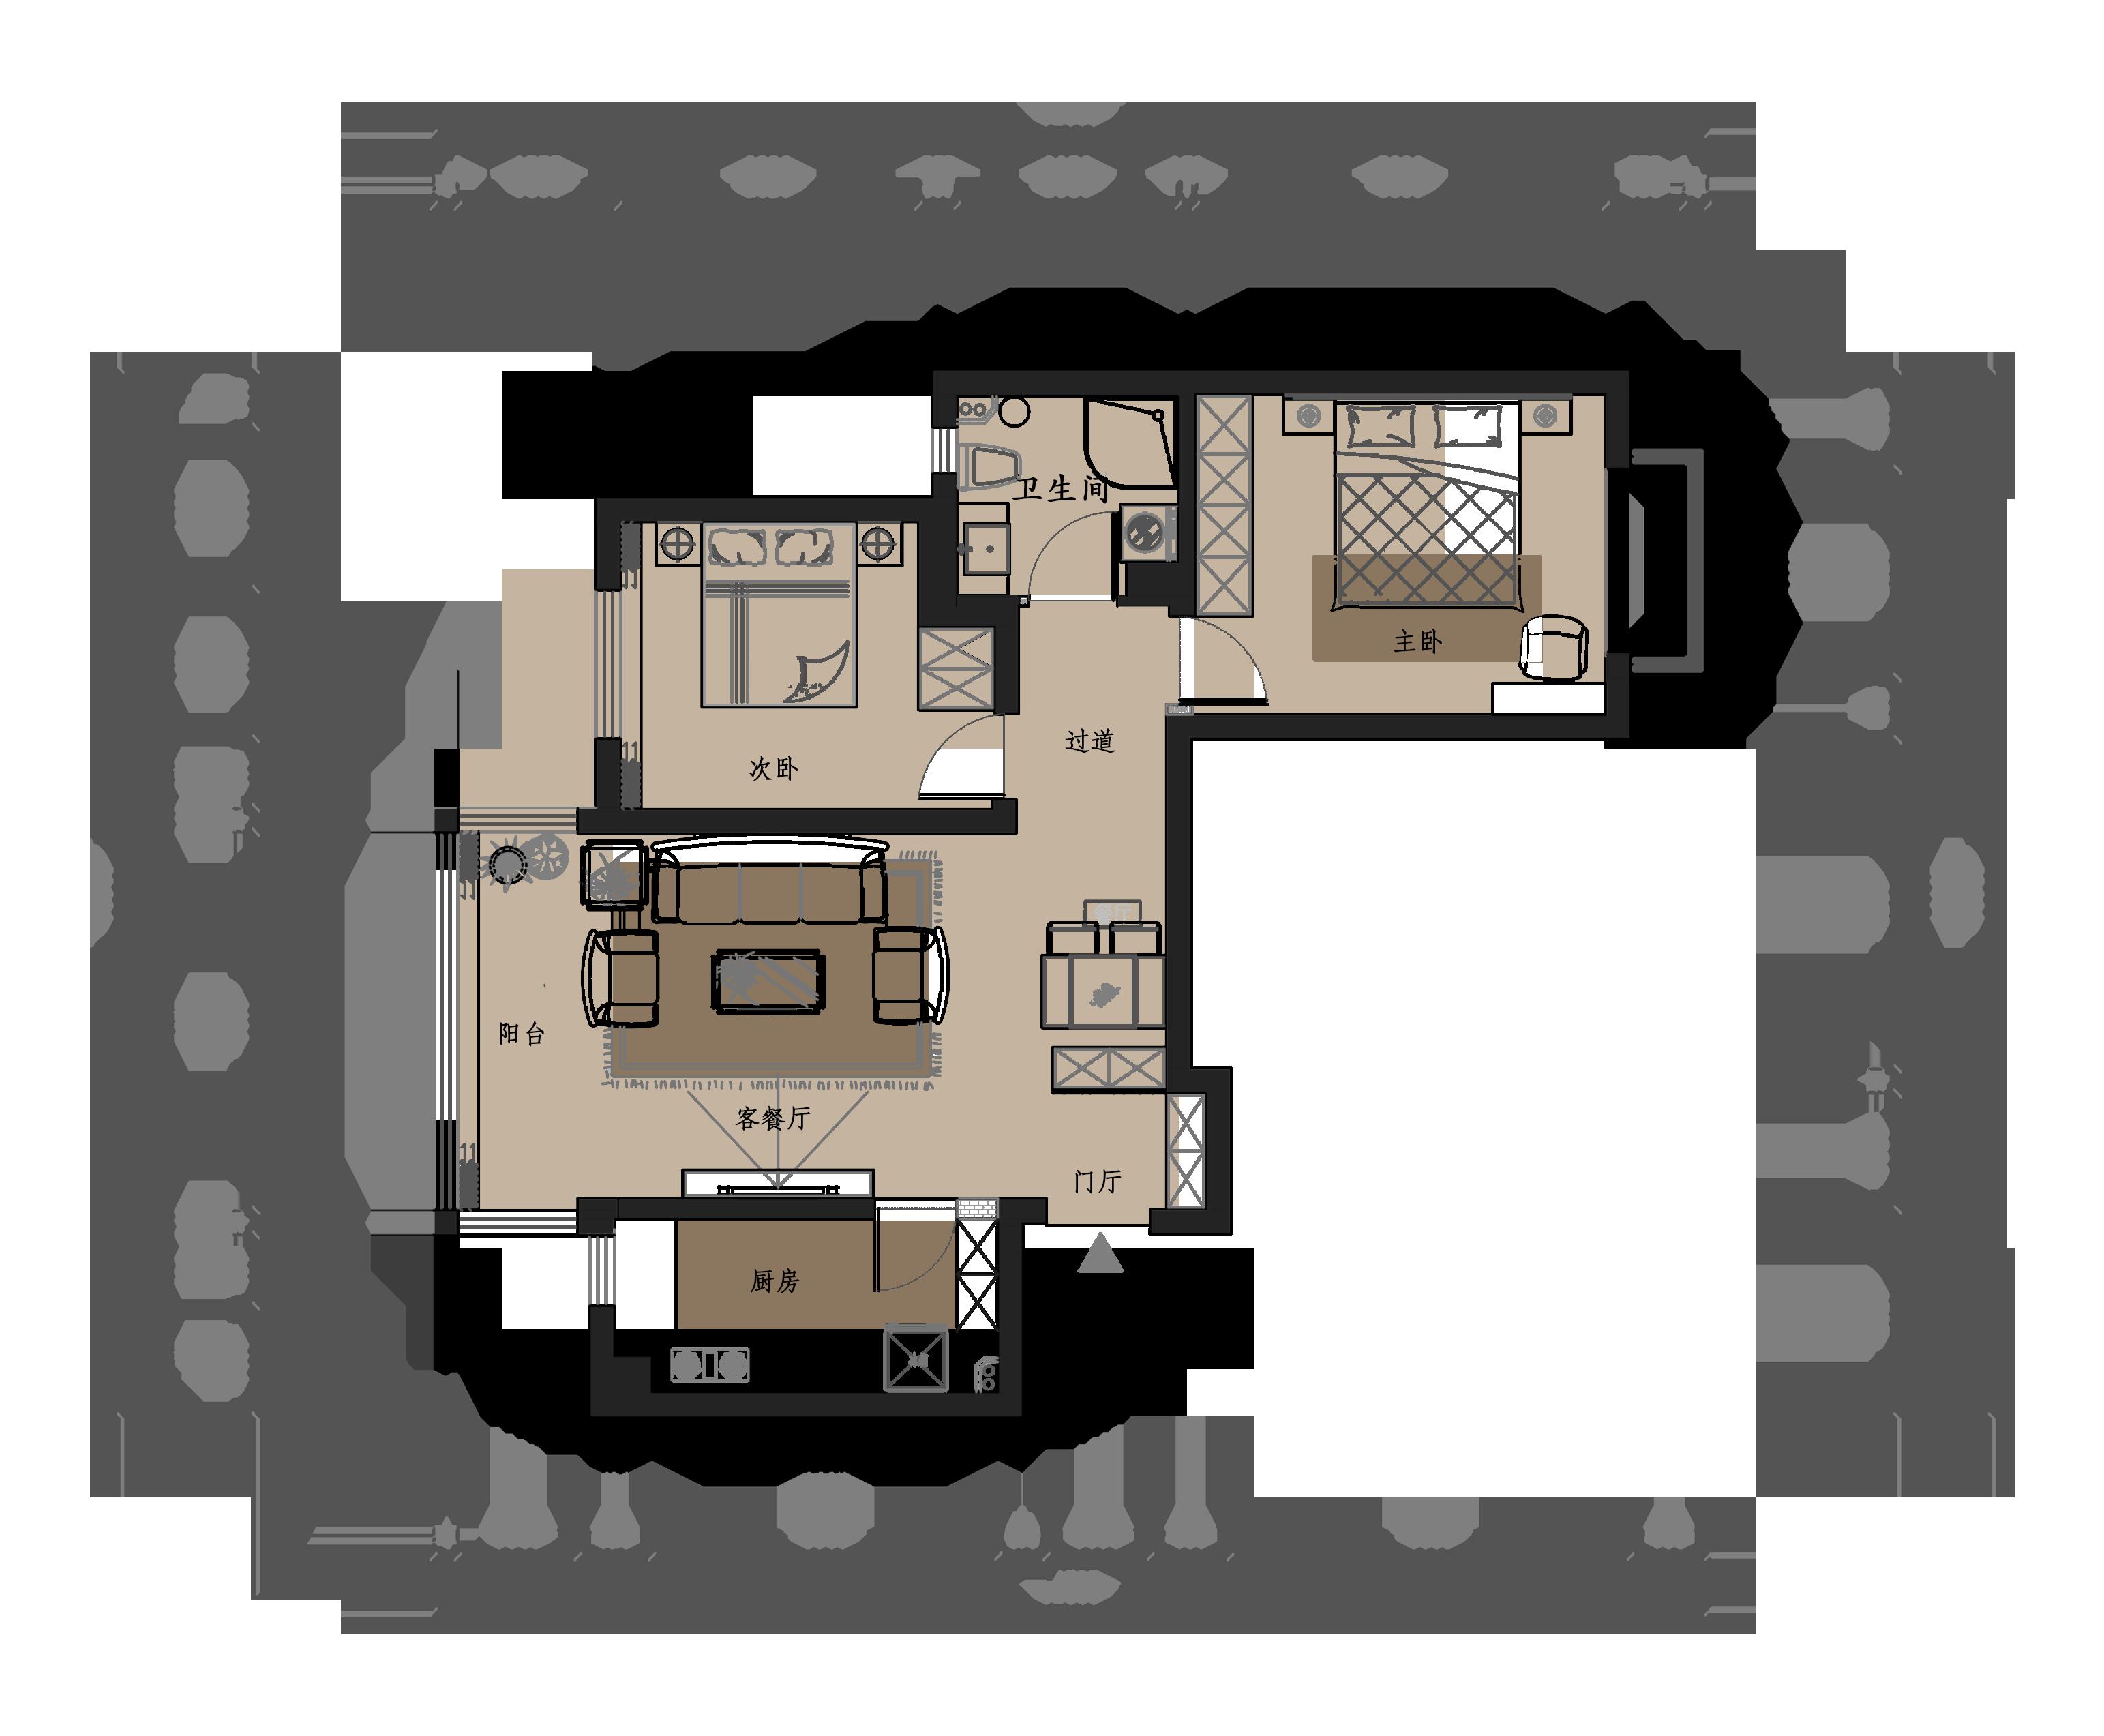 银滩花园94平米新中式风格平层装修效果图装修设计理念